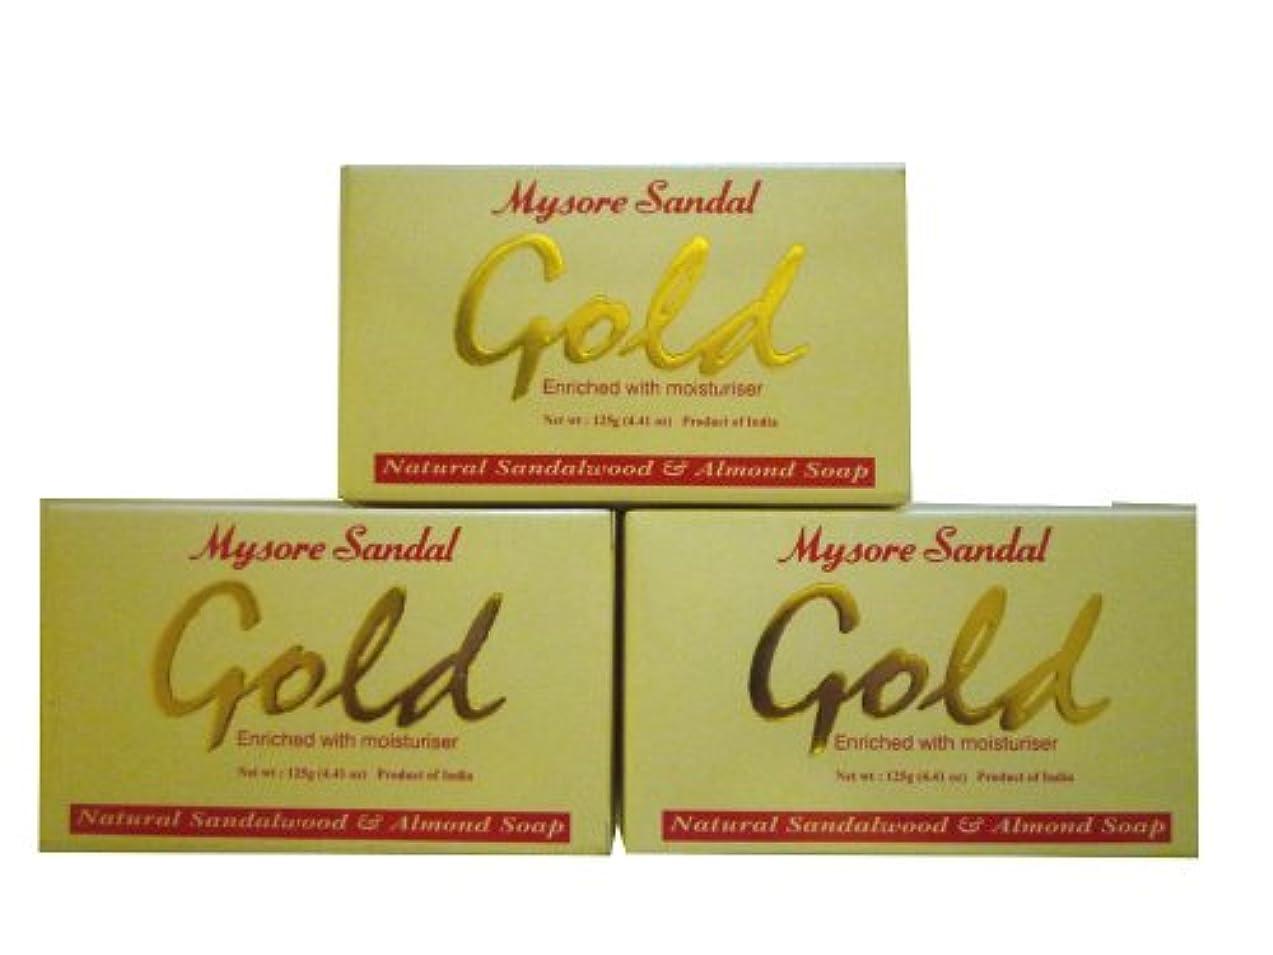 高純度白檀油配合 マイソール サンダルゴールドソープ 3個セット